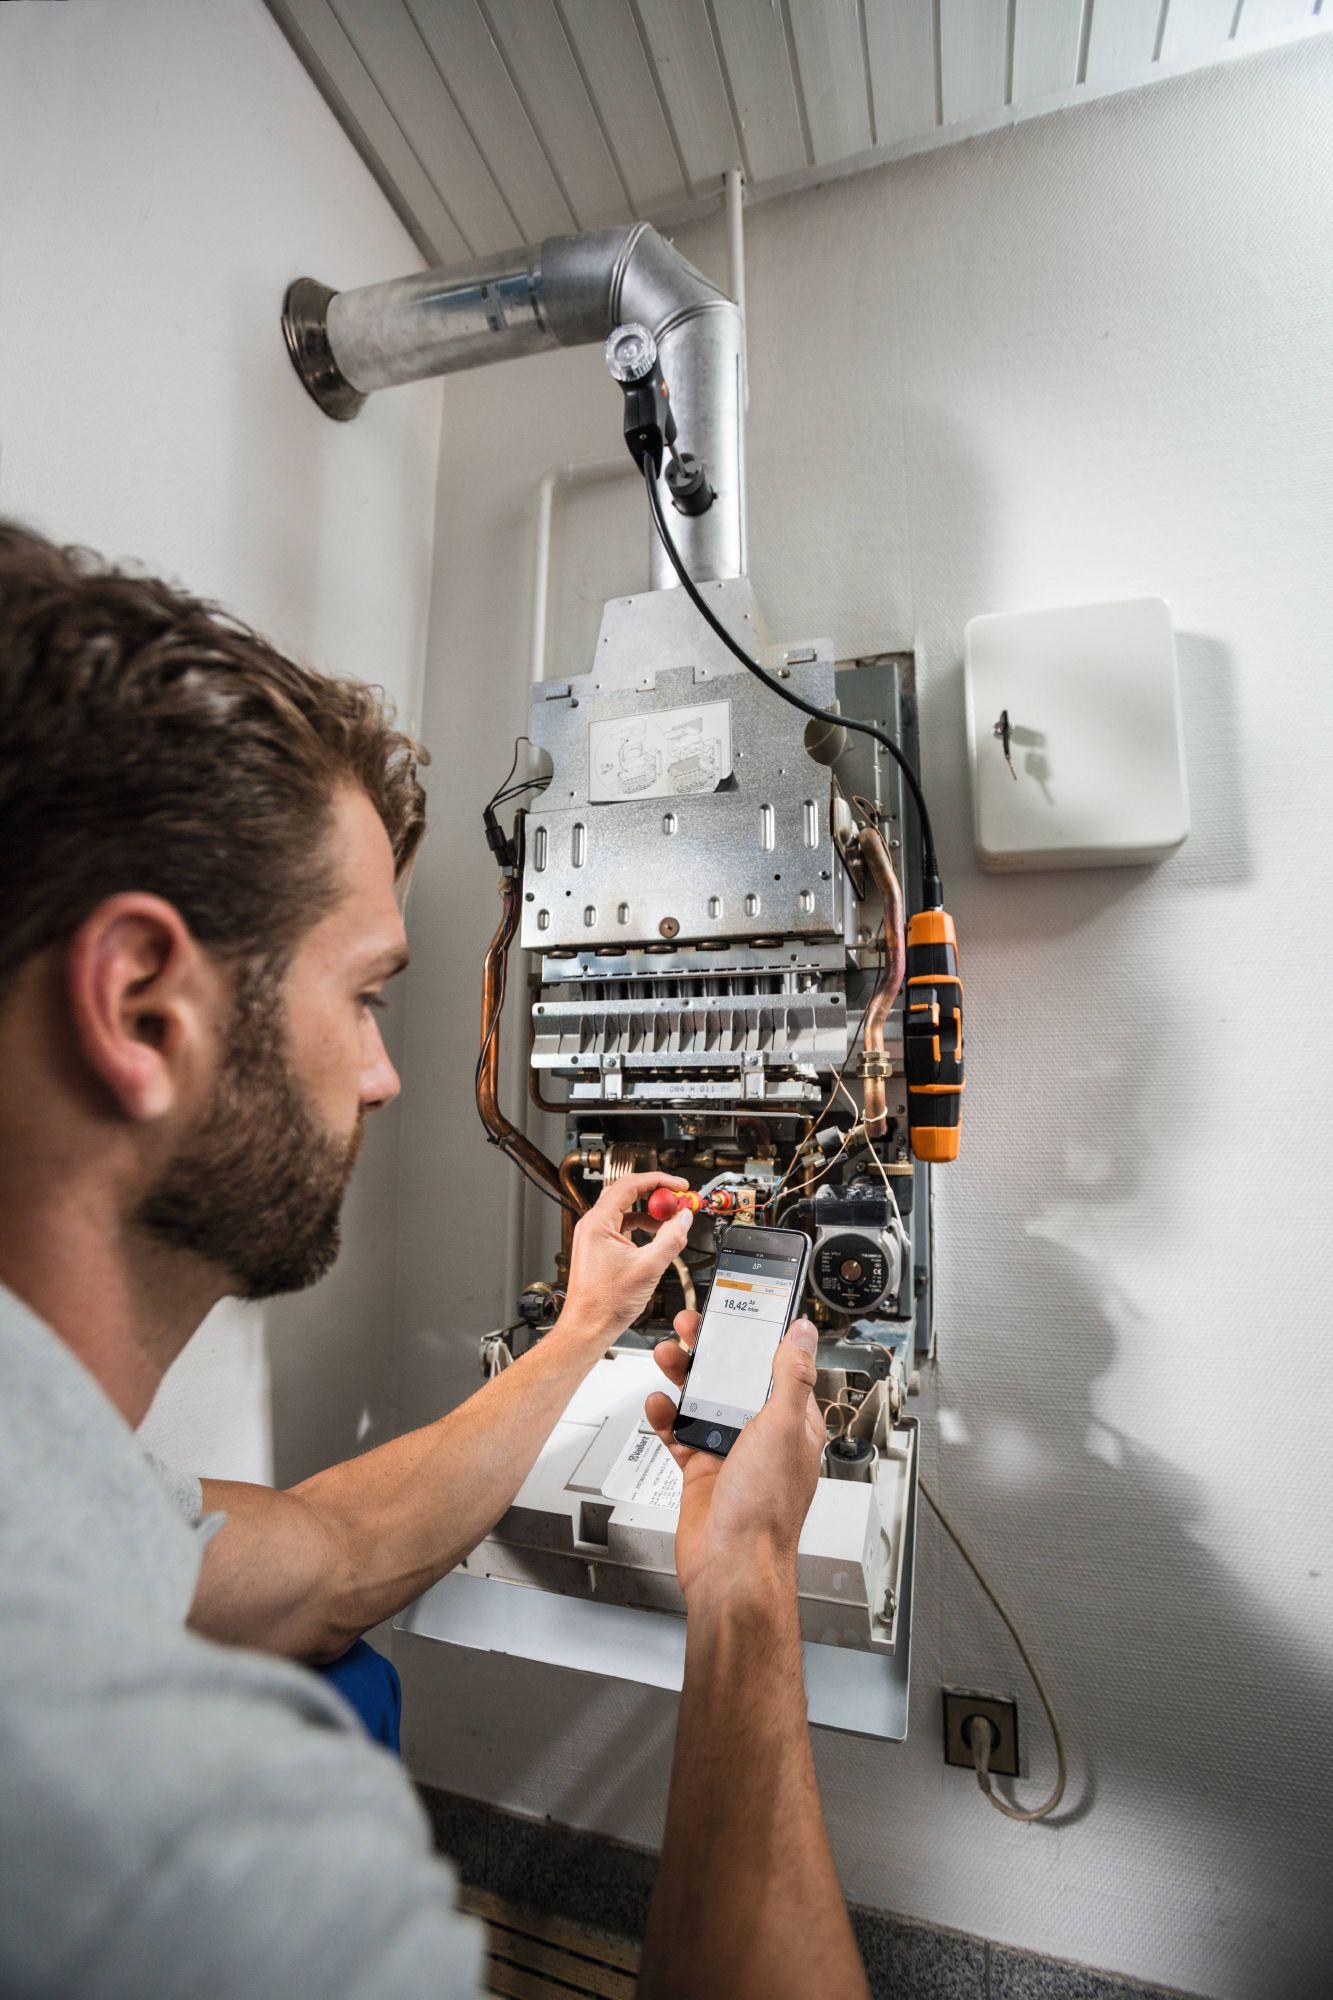 Messaufgaben an Heizungsanlagen effizient und sicher durchführen